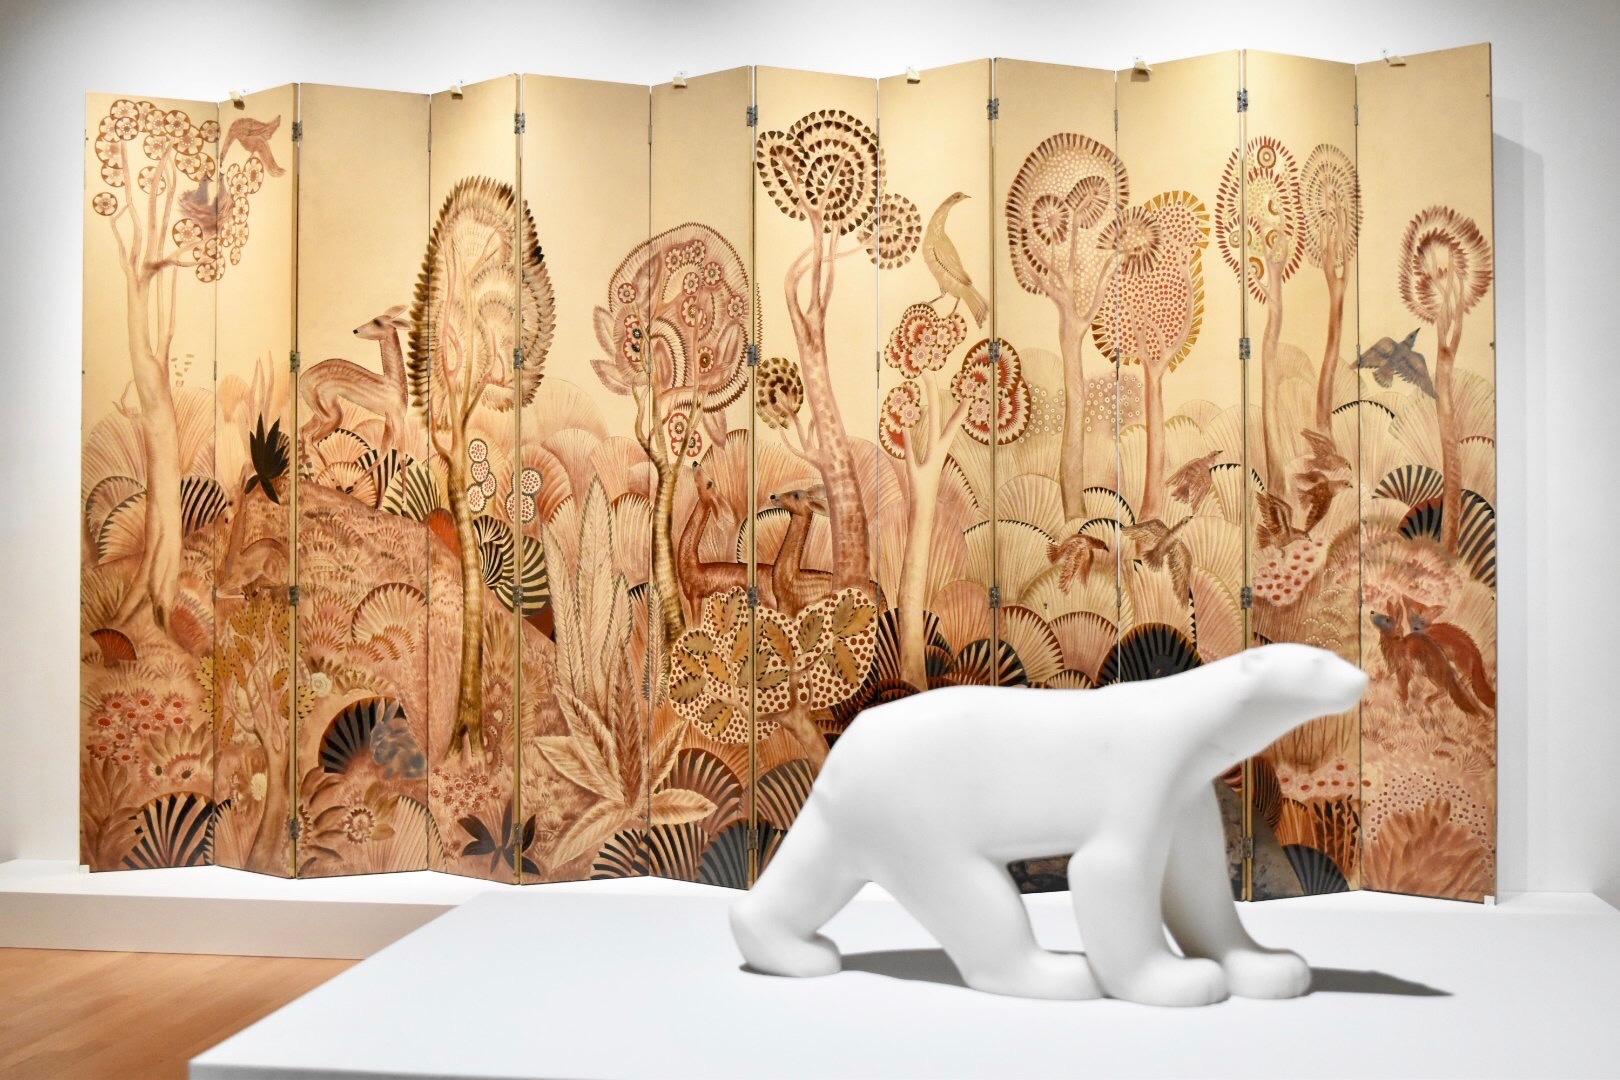 手前:《シロクマ》 フランソワ・ポンポン 1923-33年 群馬県立館林美術館蔵 奥:《森》 ジャン・デュナン 20世紀前半 モビリエ・ナショナル(パリ)蔵